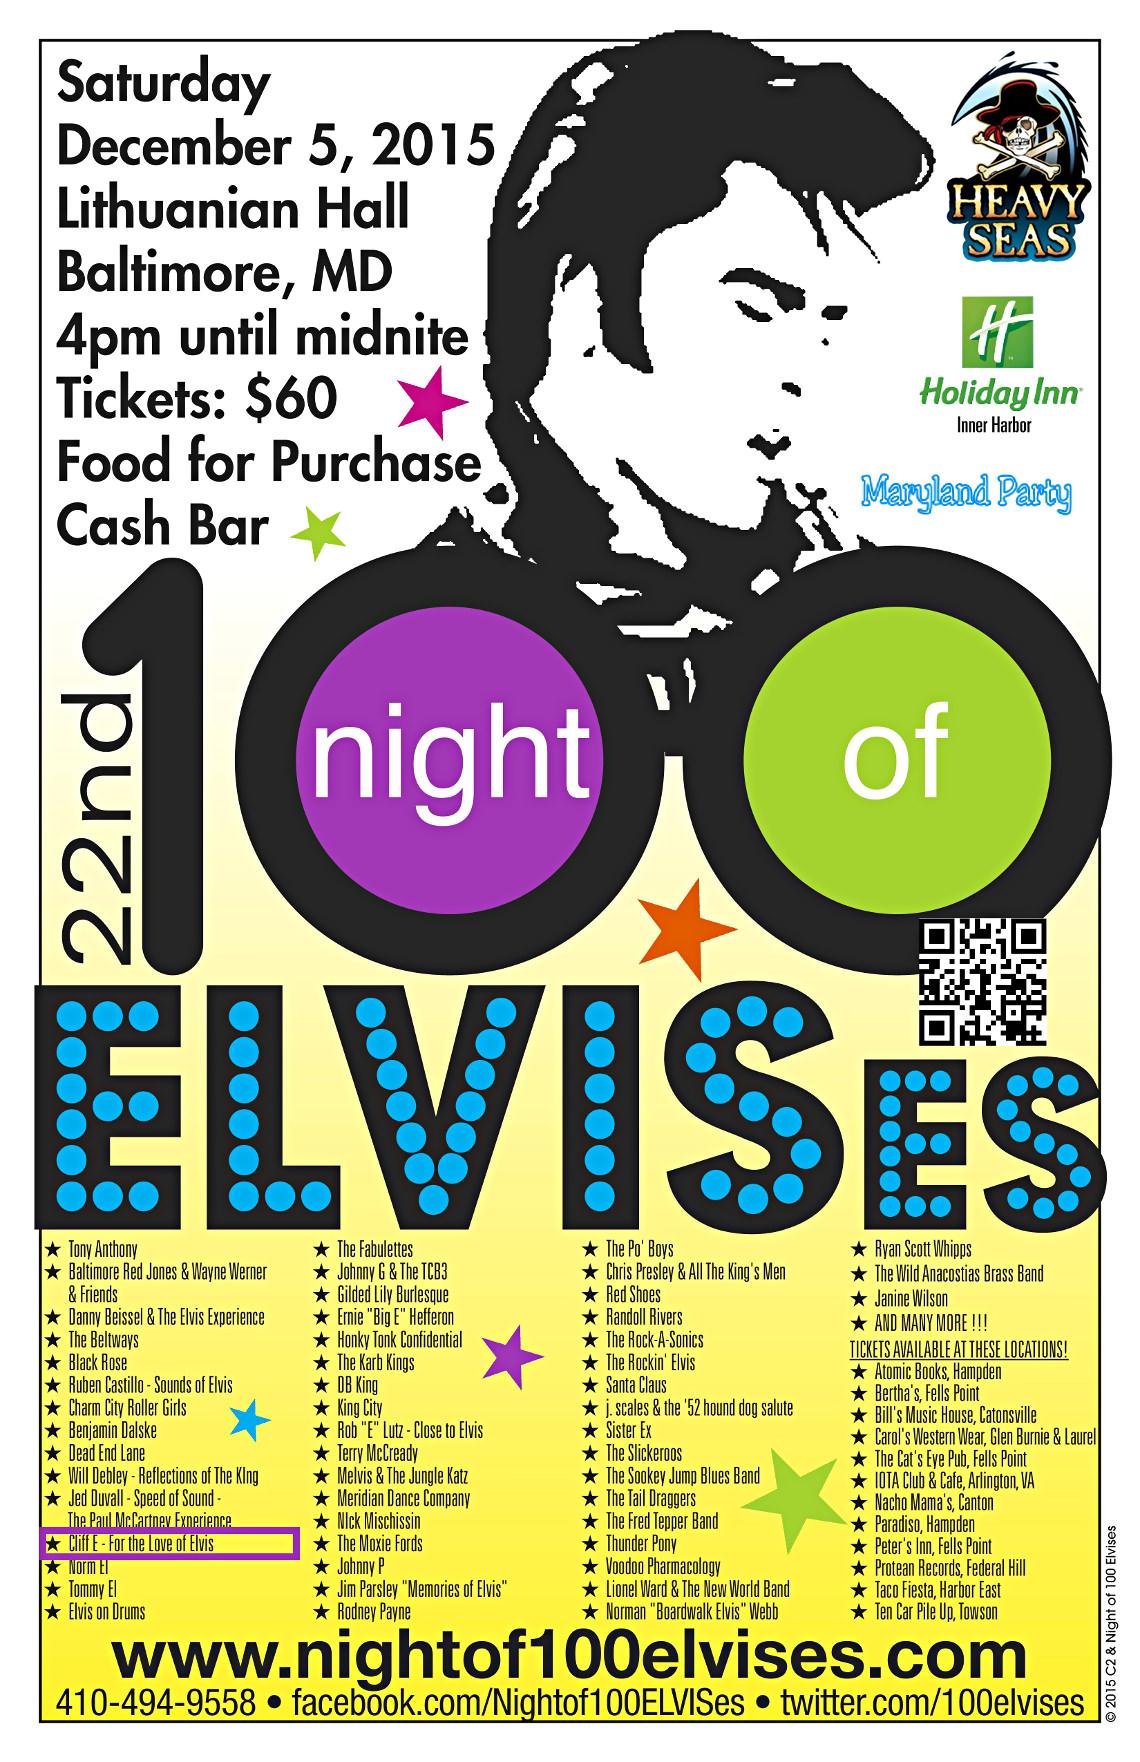 Night of 100 ELVISes -- C L I C K ! ! !